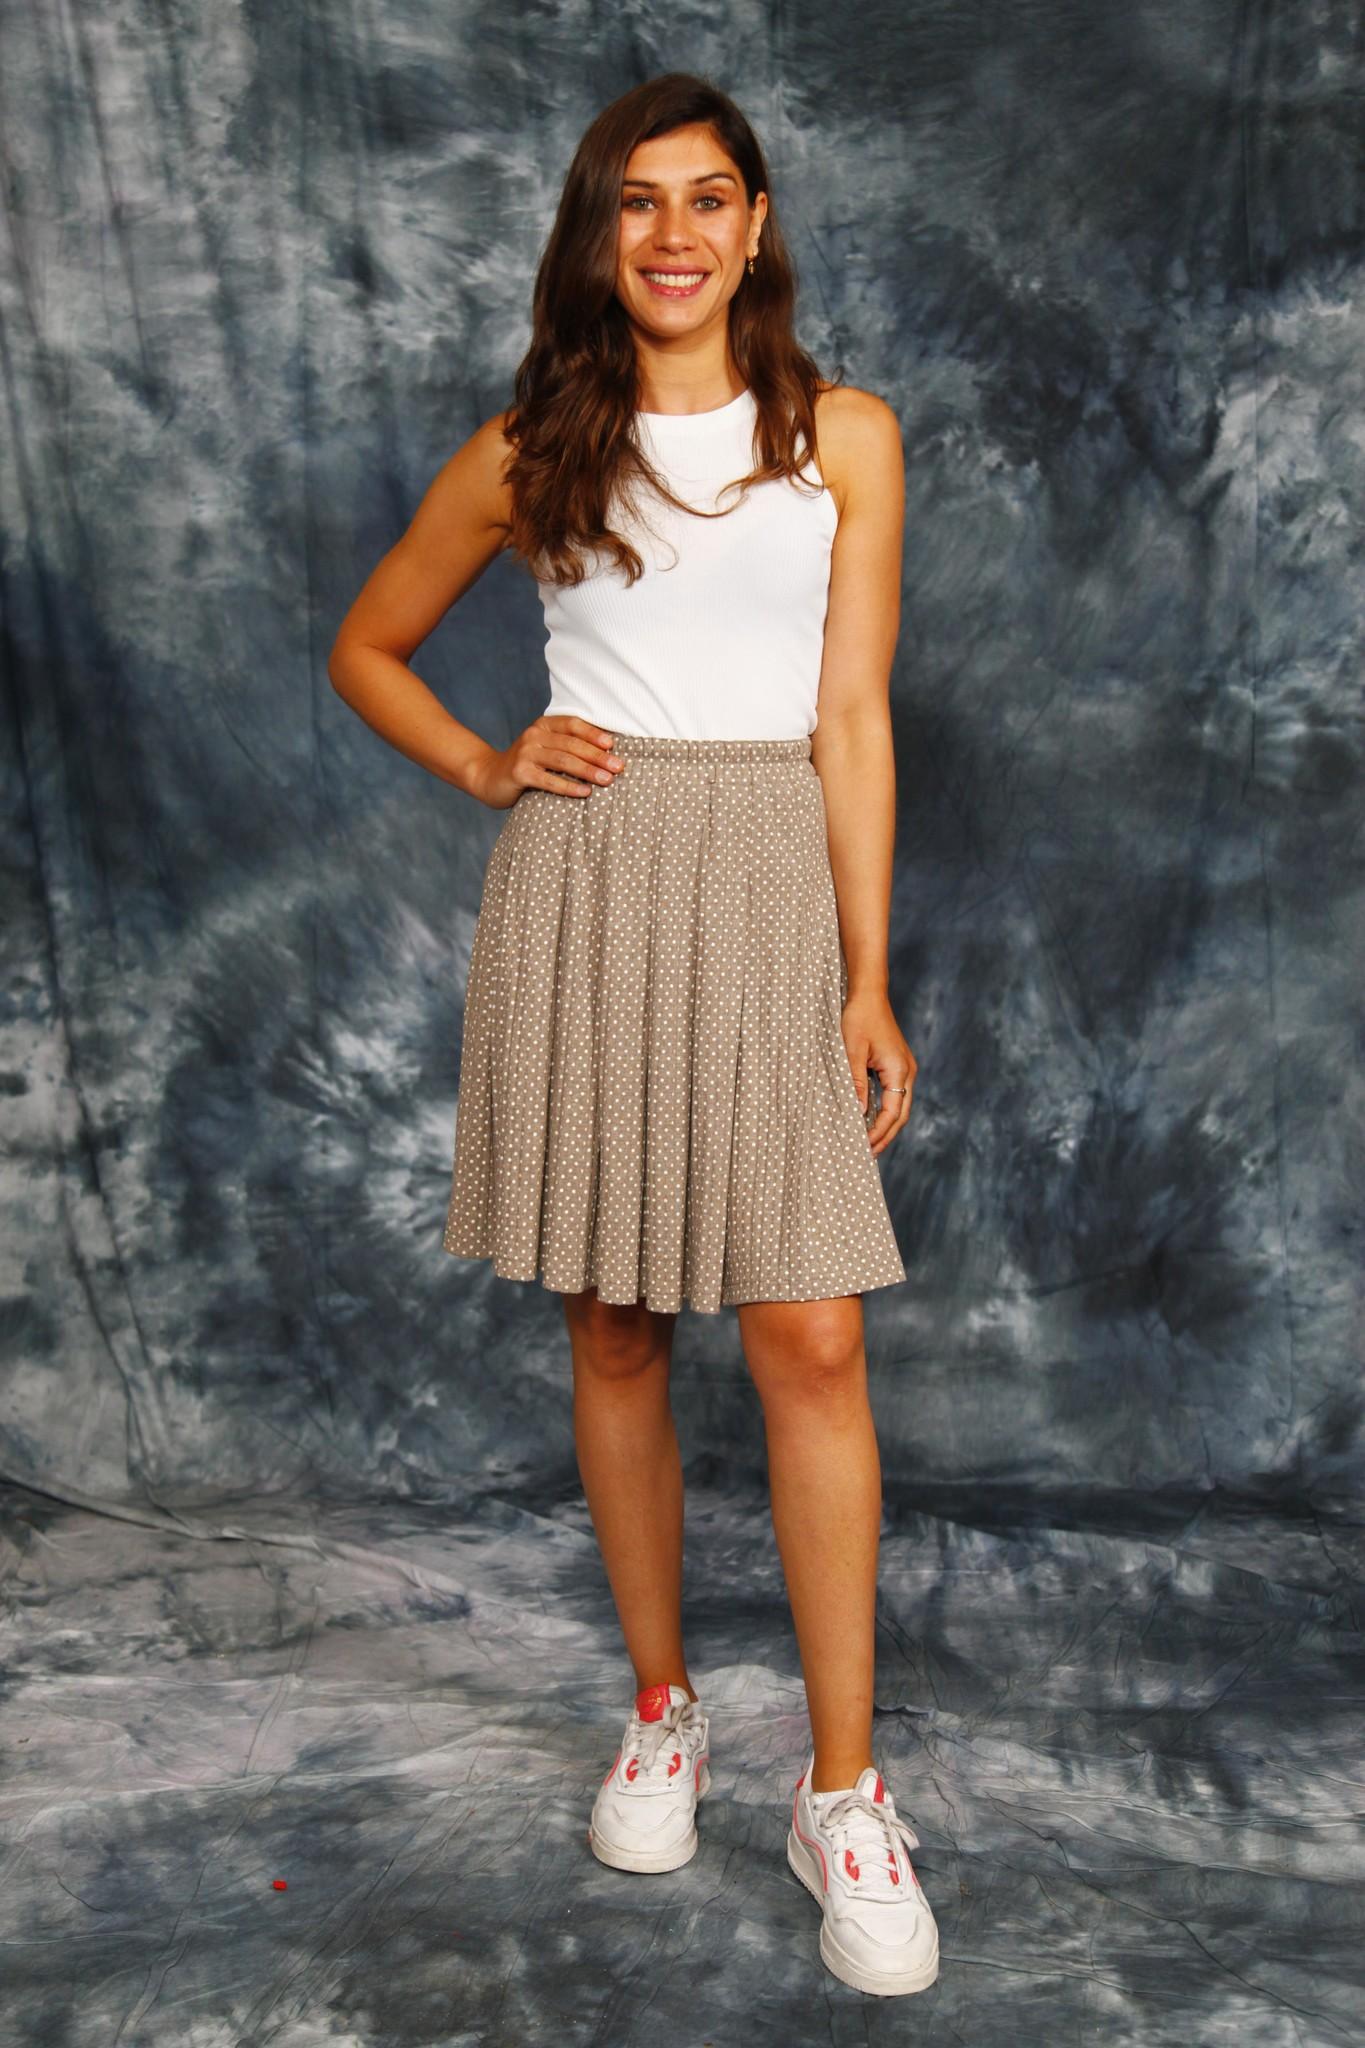 Classic polka dot skirt